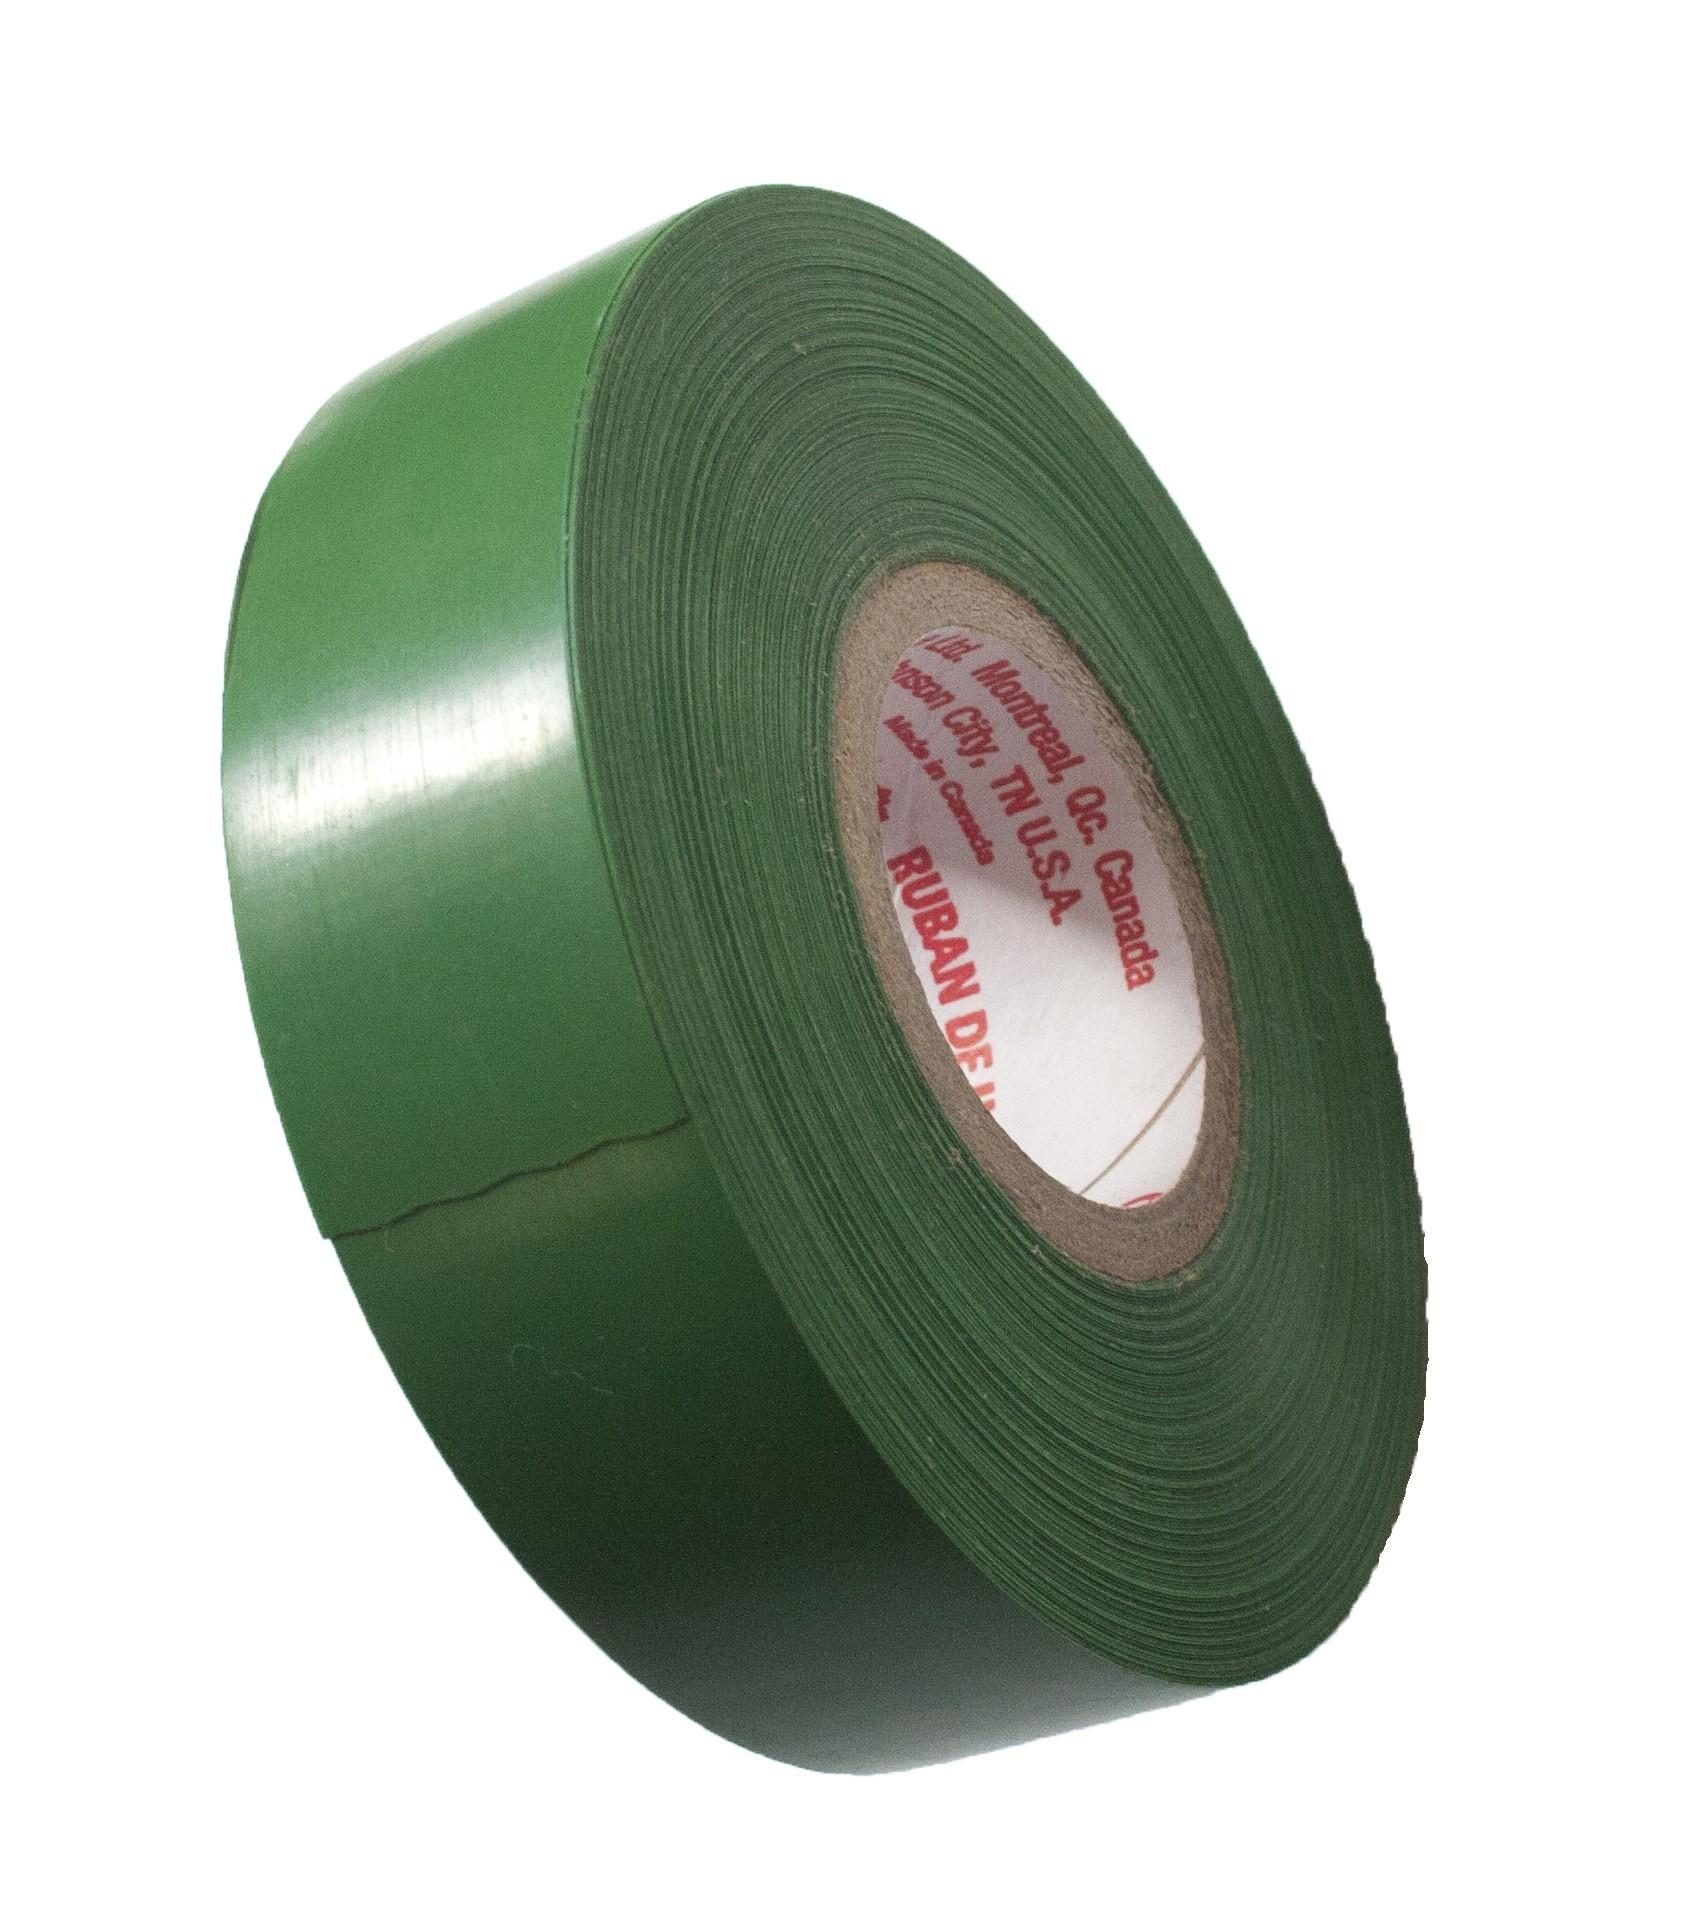 CANTECH Hockey Shin Guard Tape 30m x 24mm